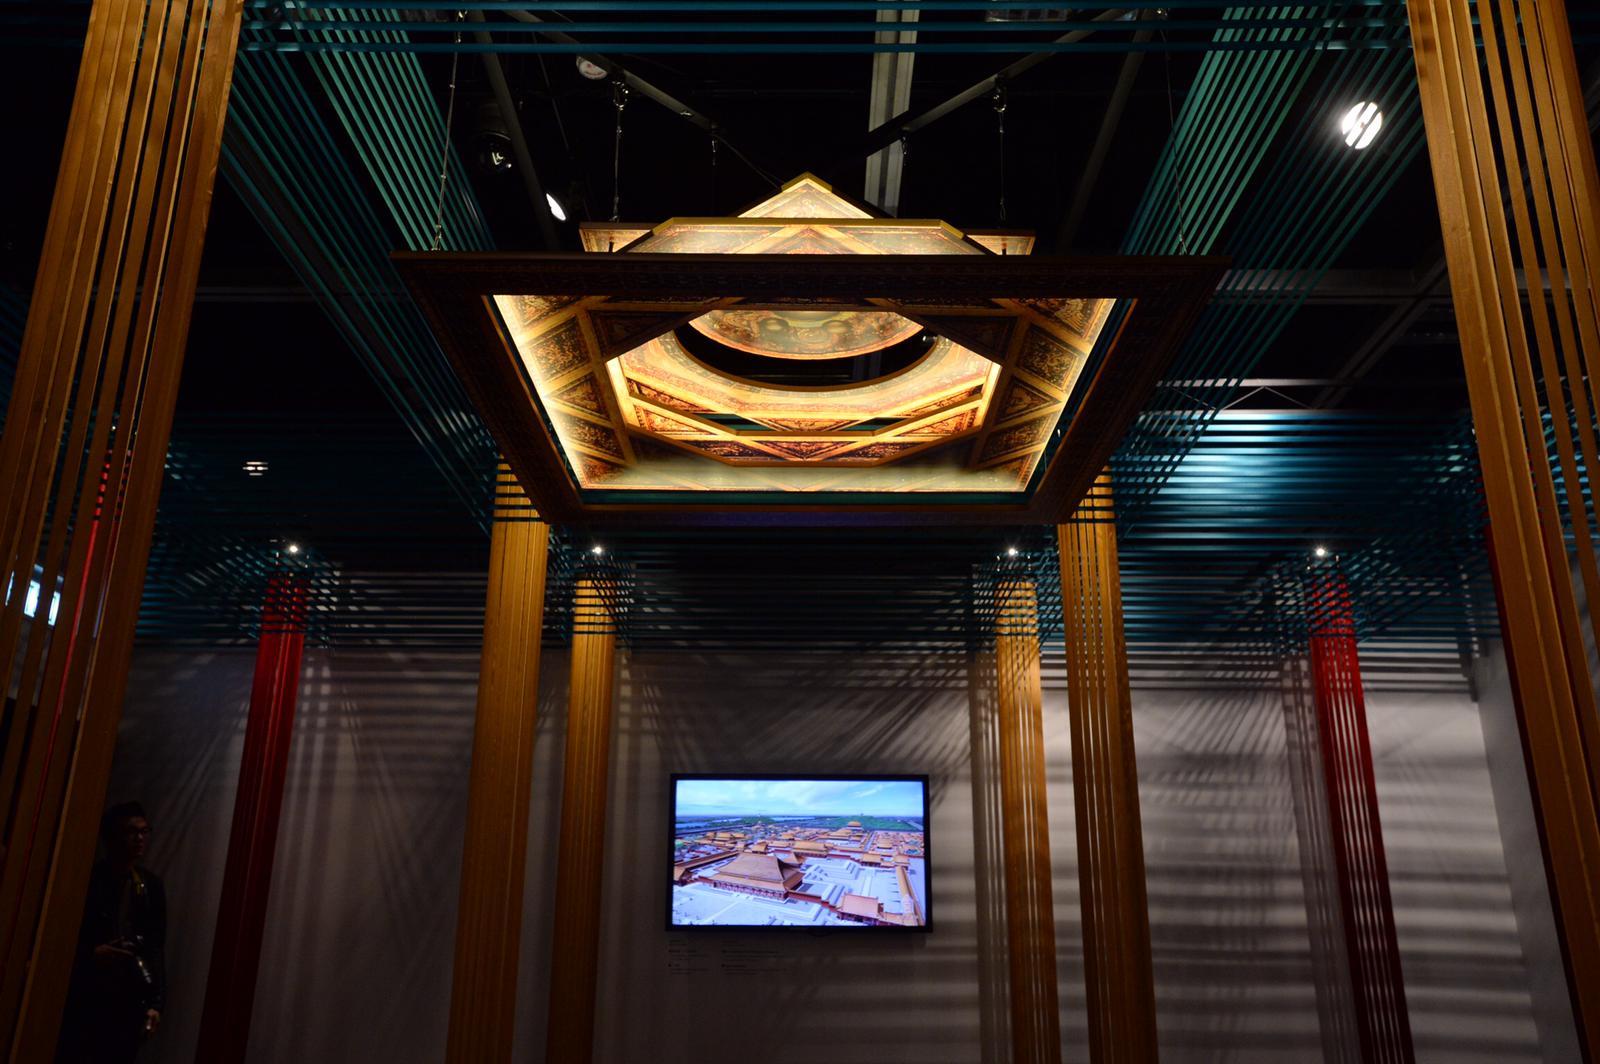 展覽重點介紹紫禁城內規格最高的建築——太和殿。